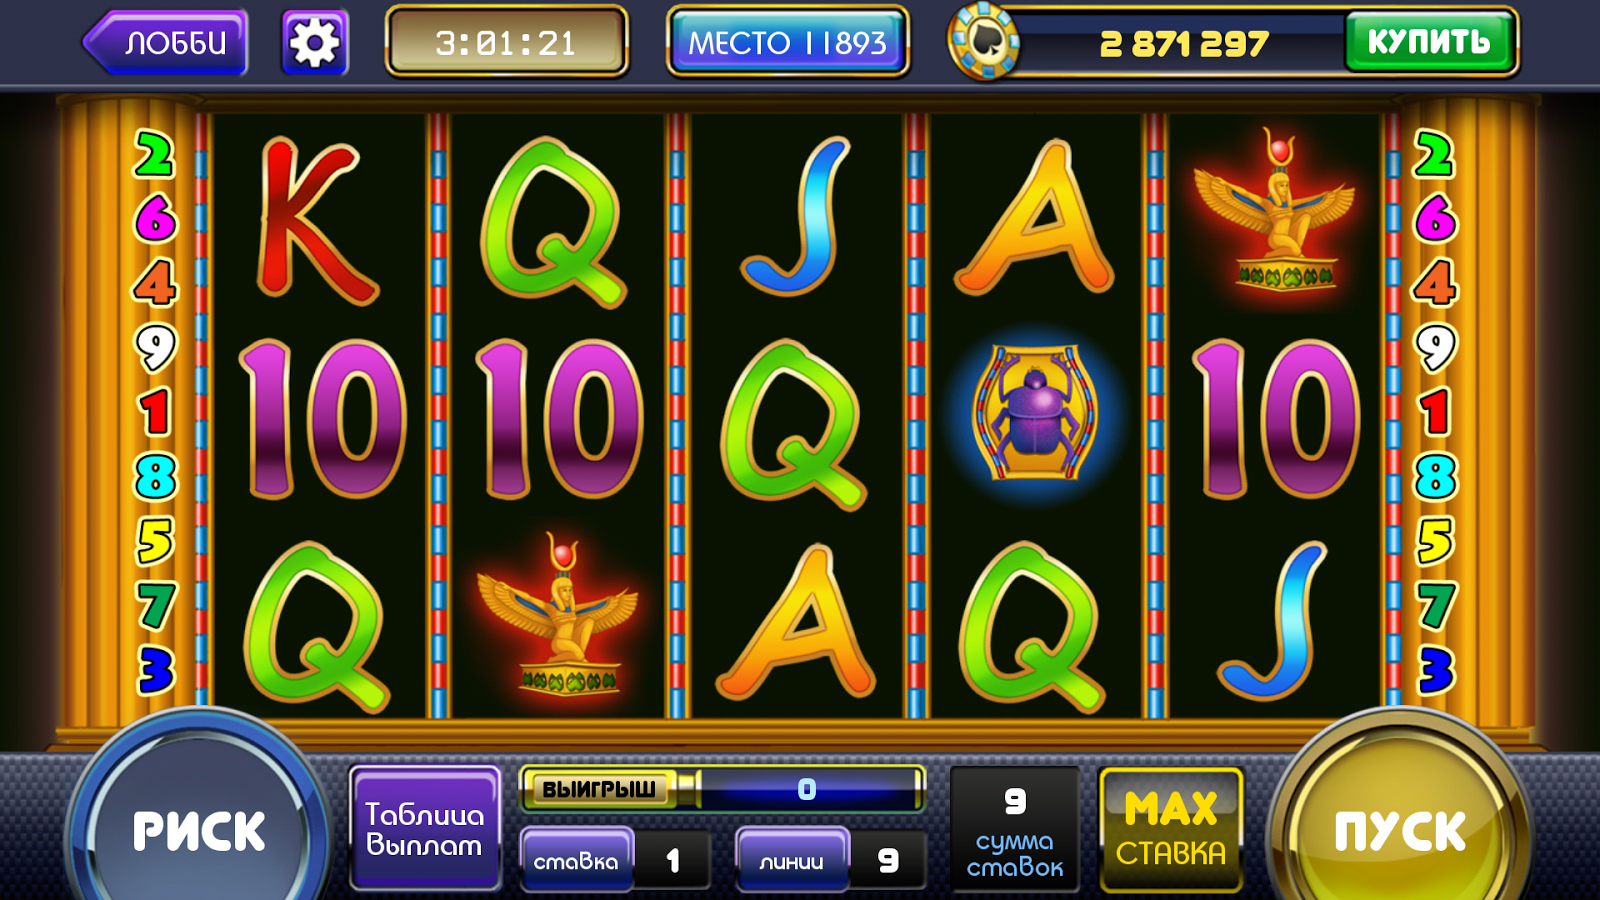 онлайн казино с бездепозитным бонусом за регистрацию в рублях